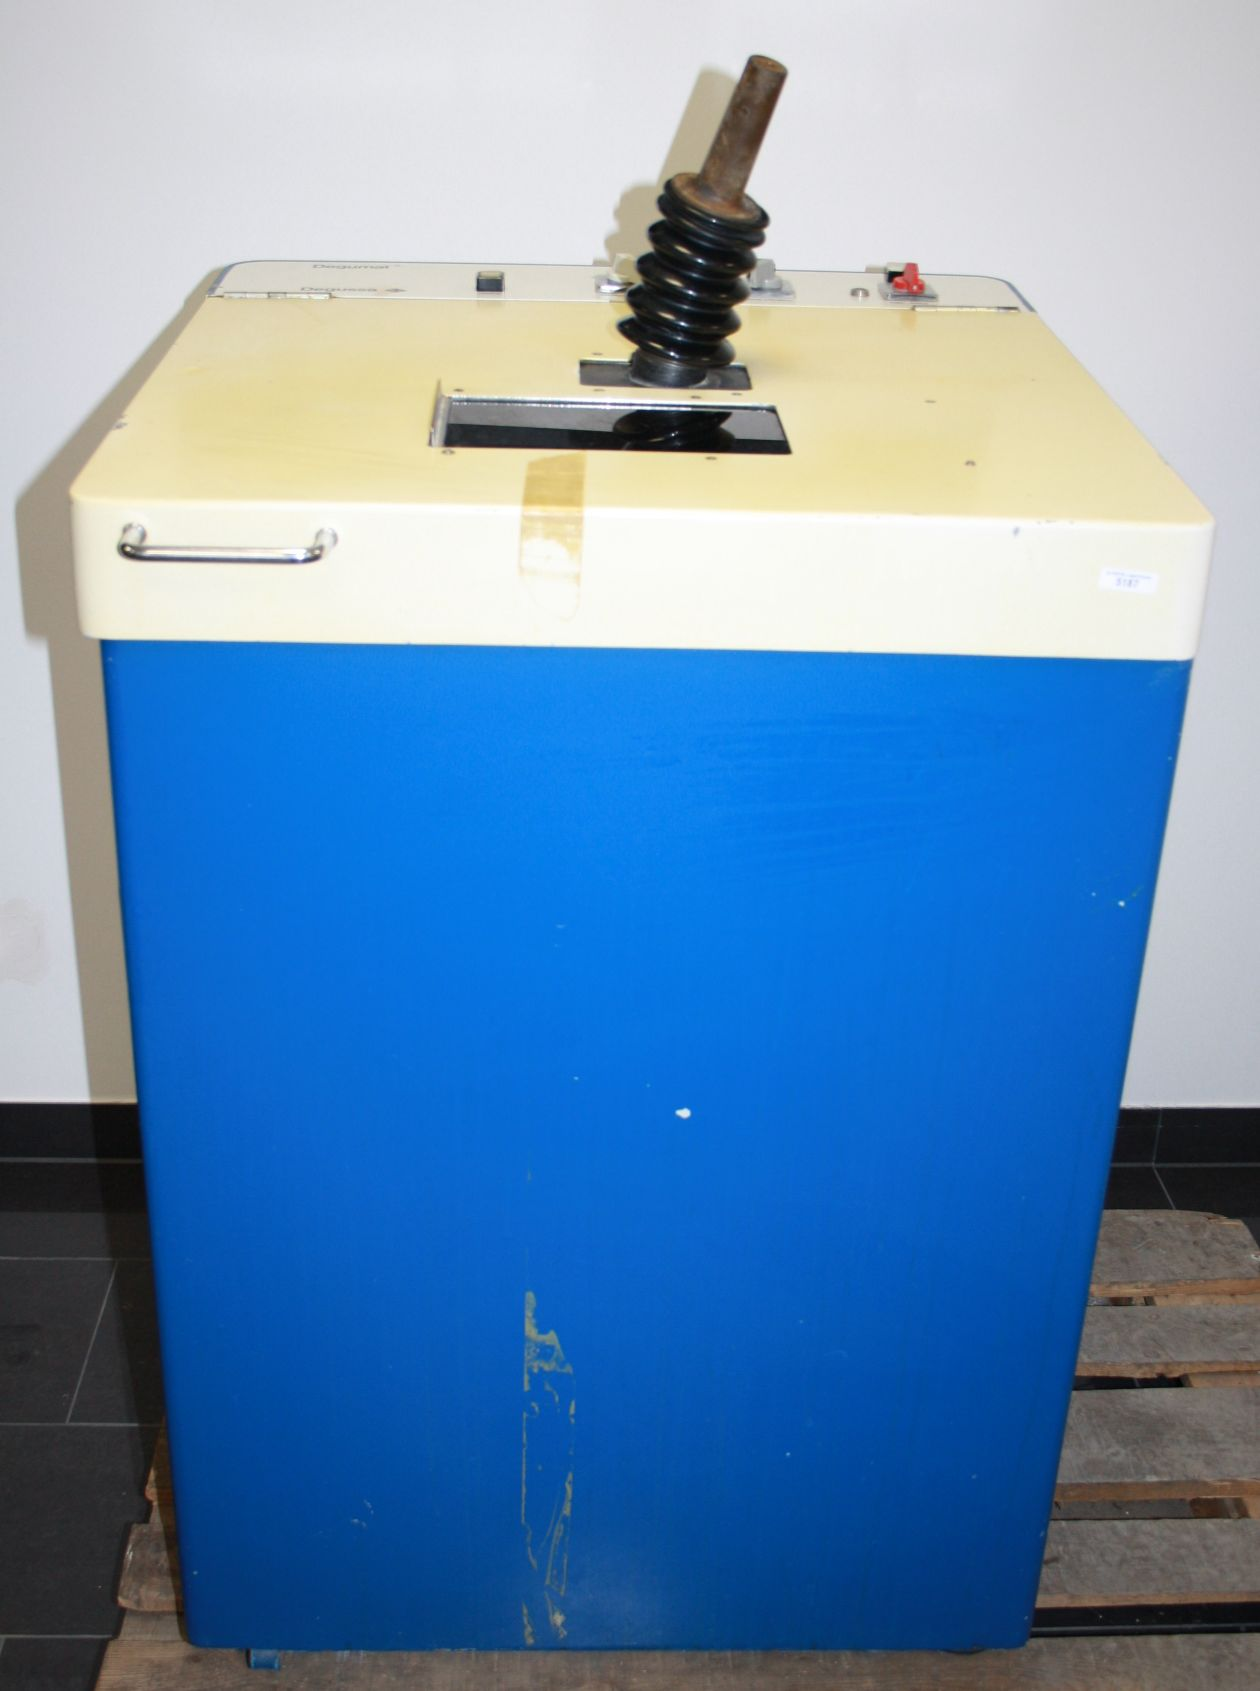 KaVo Ausbrühgerät Typ 5522 #  5185